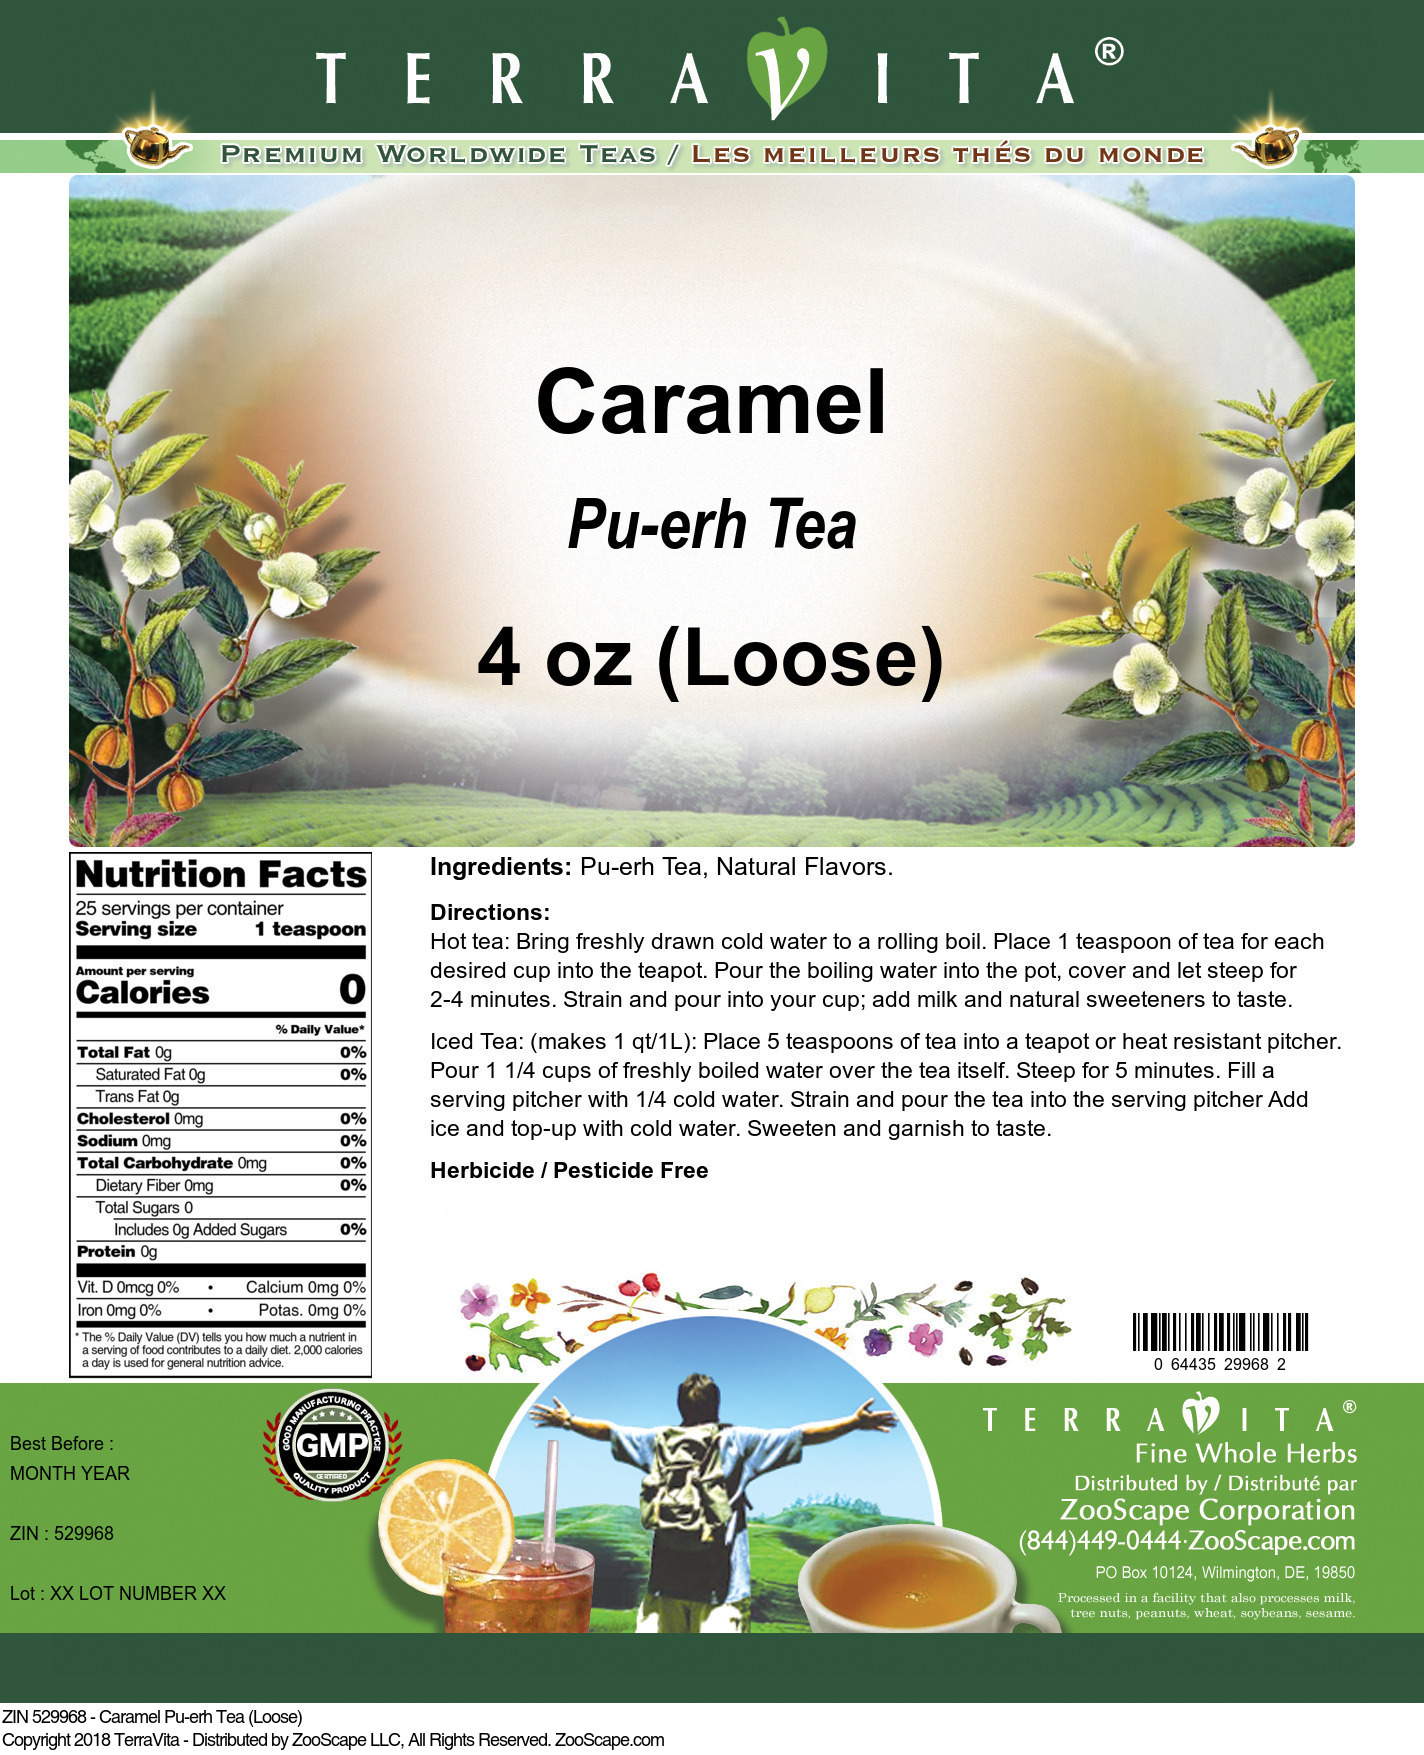 Caramel Pu-erh Tea